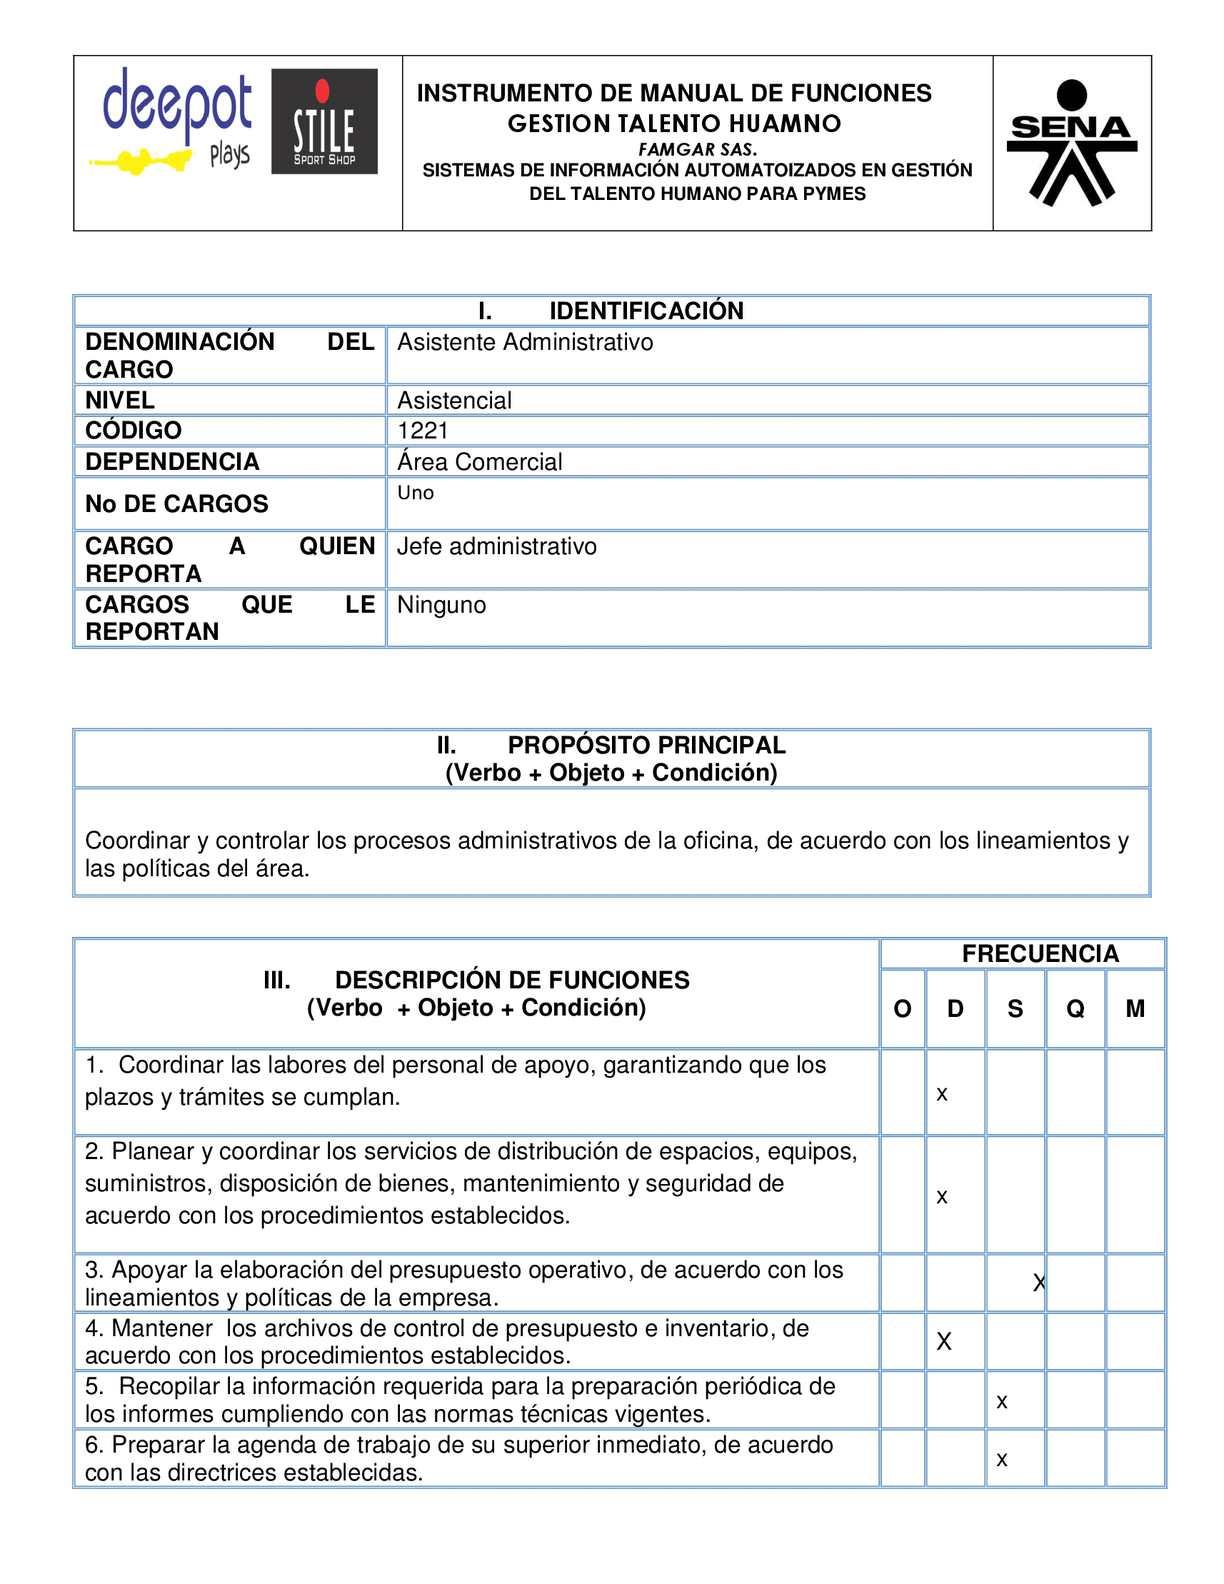 Calam o manual de funciones asistente administrativa Manual de procesos y procedimientos de una empresa de alimentos